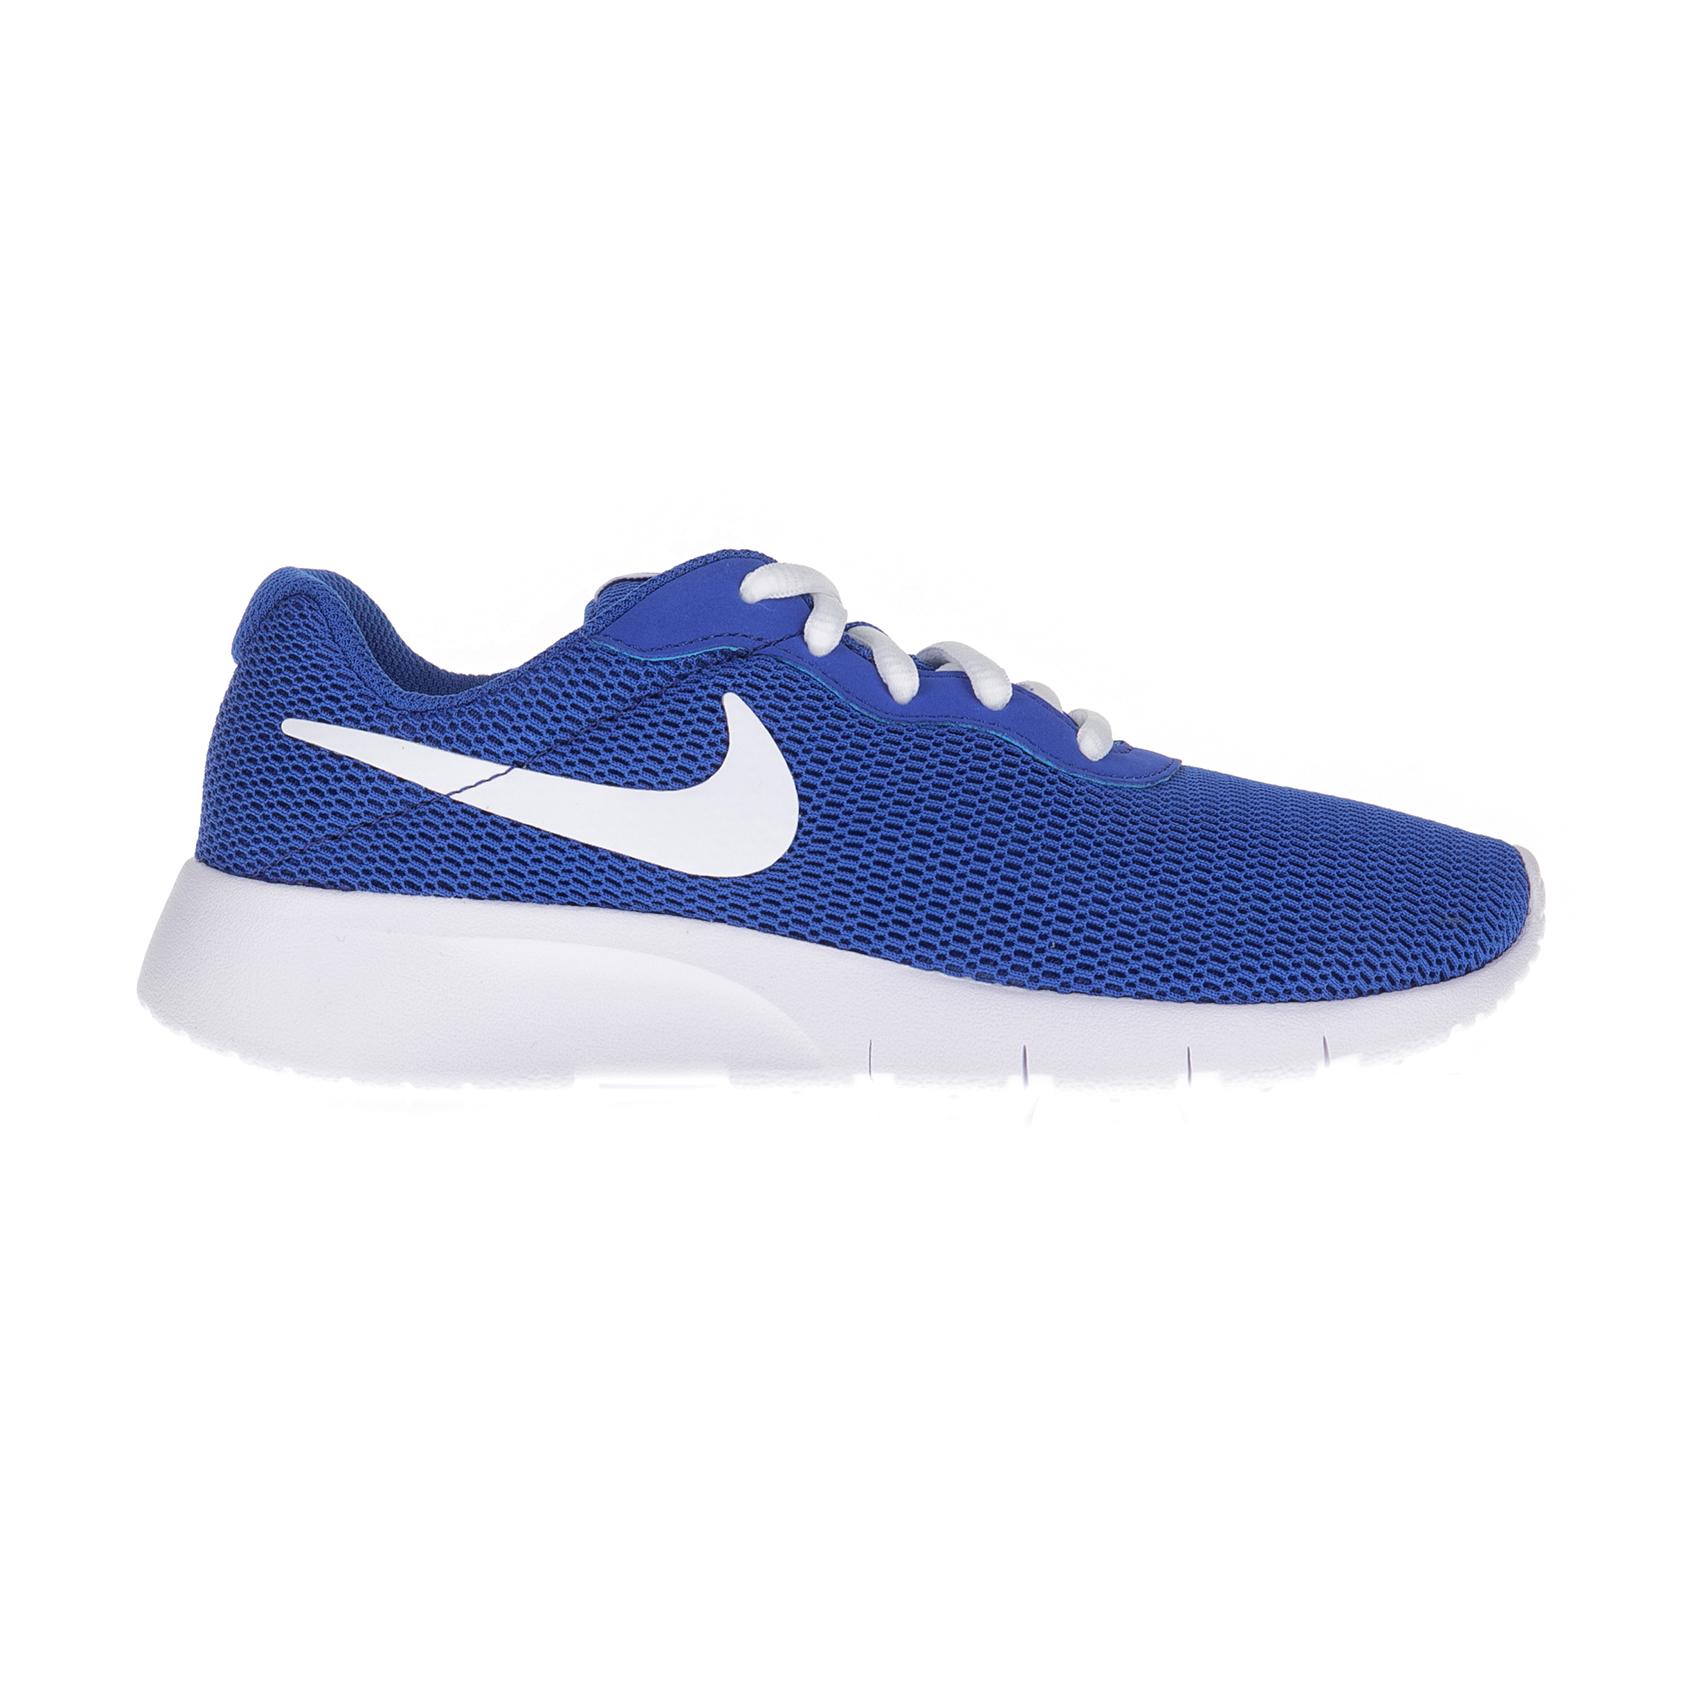 NIKE - Παιδικά παπούτσια Nike TANJUN (PS) μπλε - λευκά  5ebe125f593